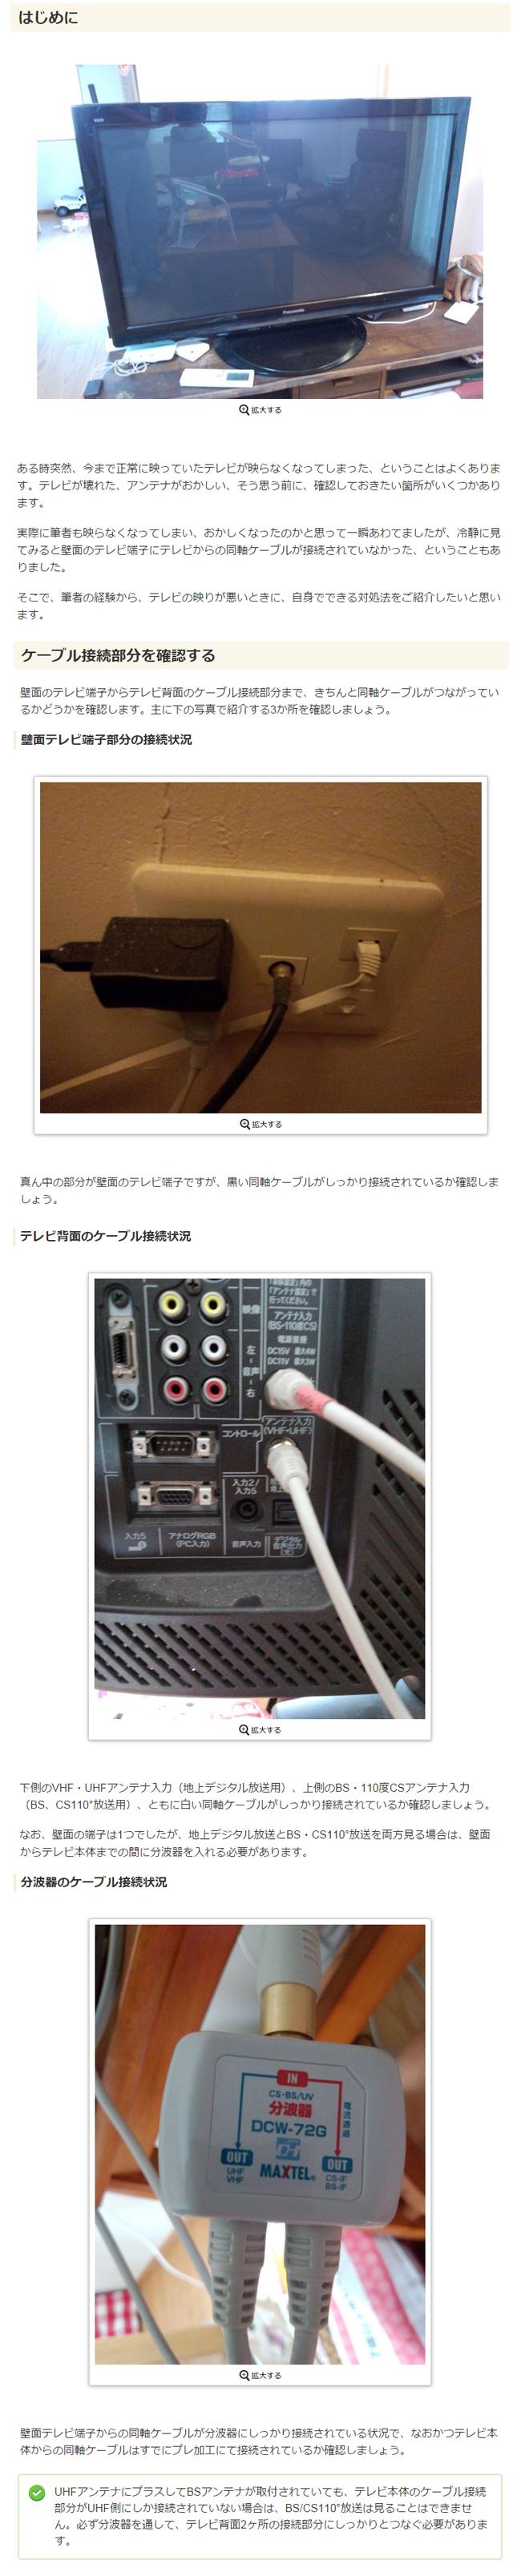 テレビ端子修理方法2